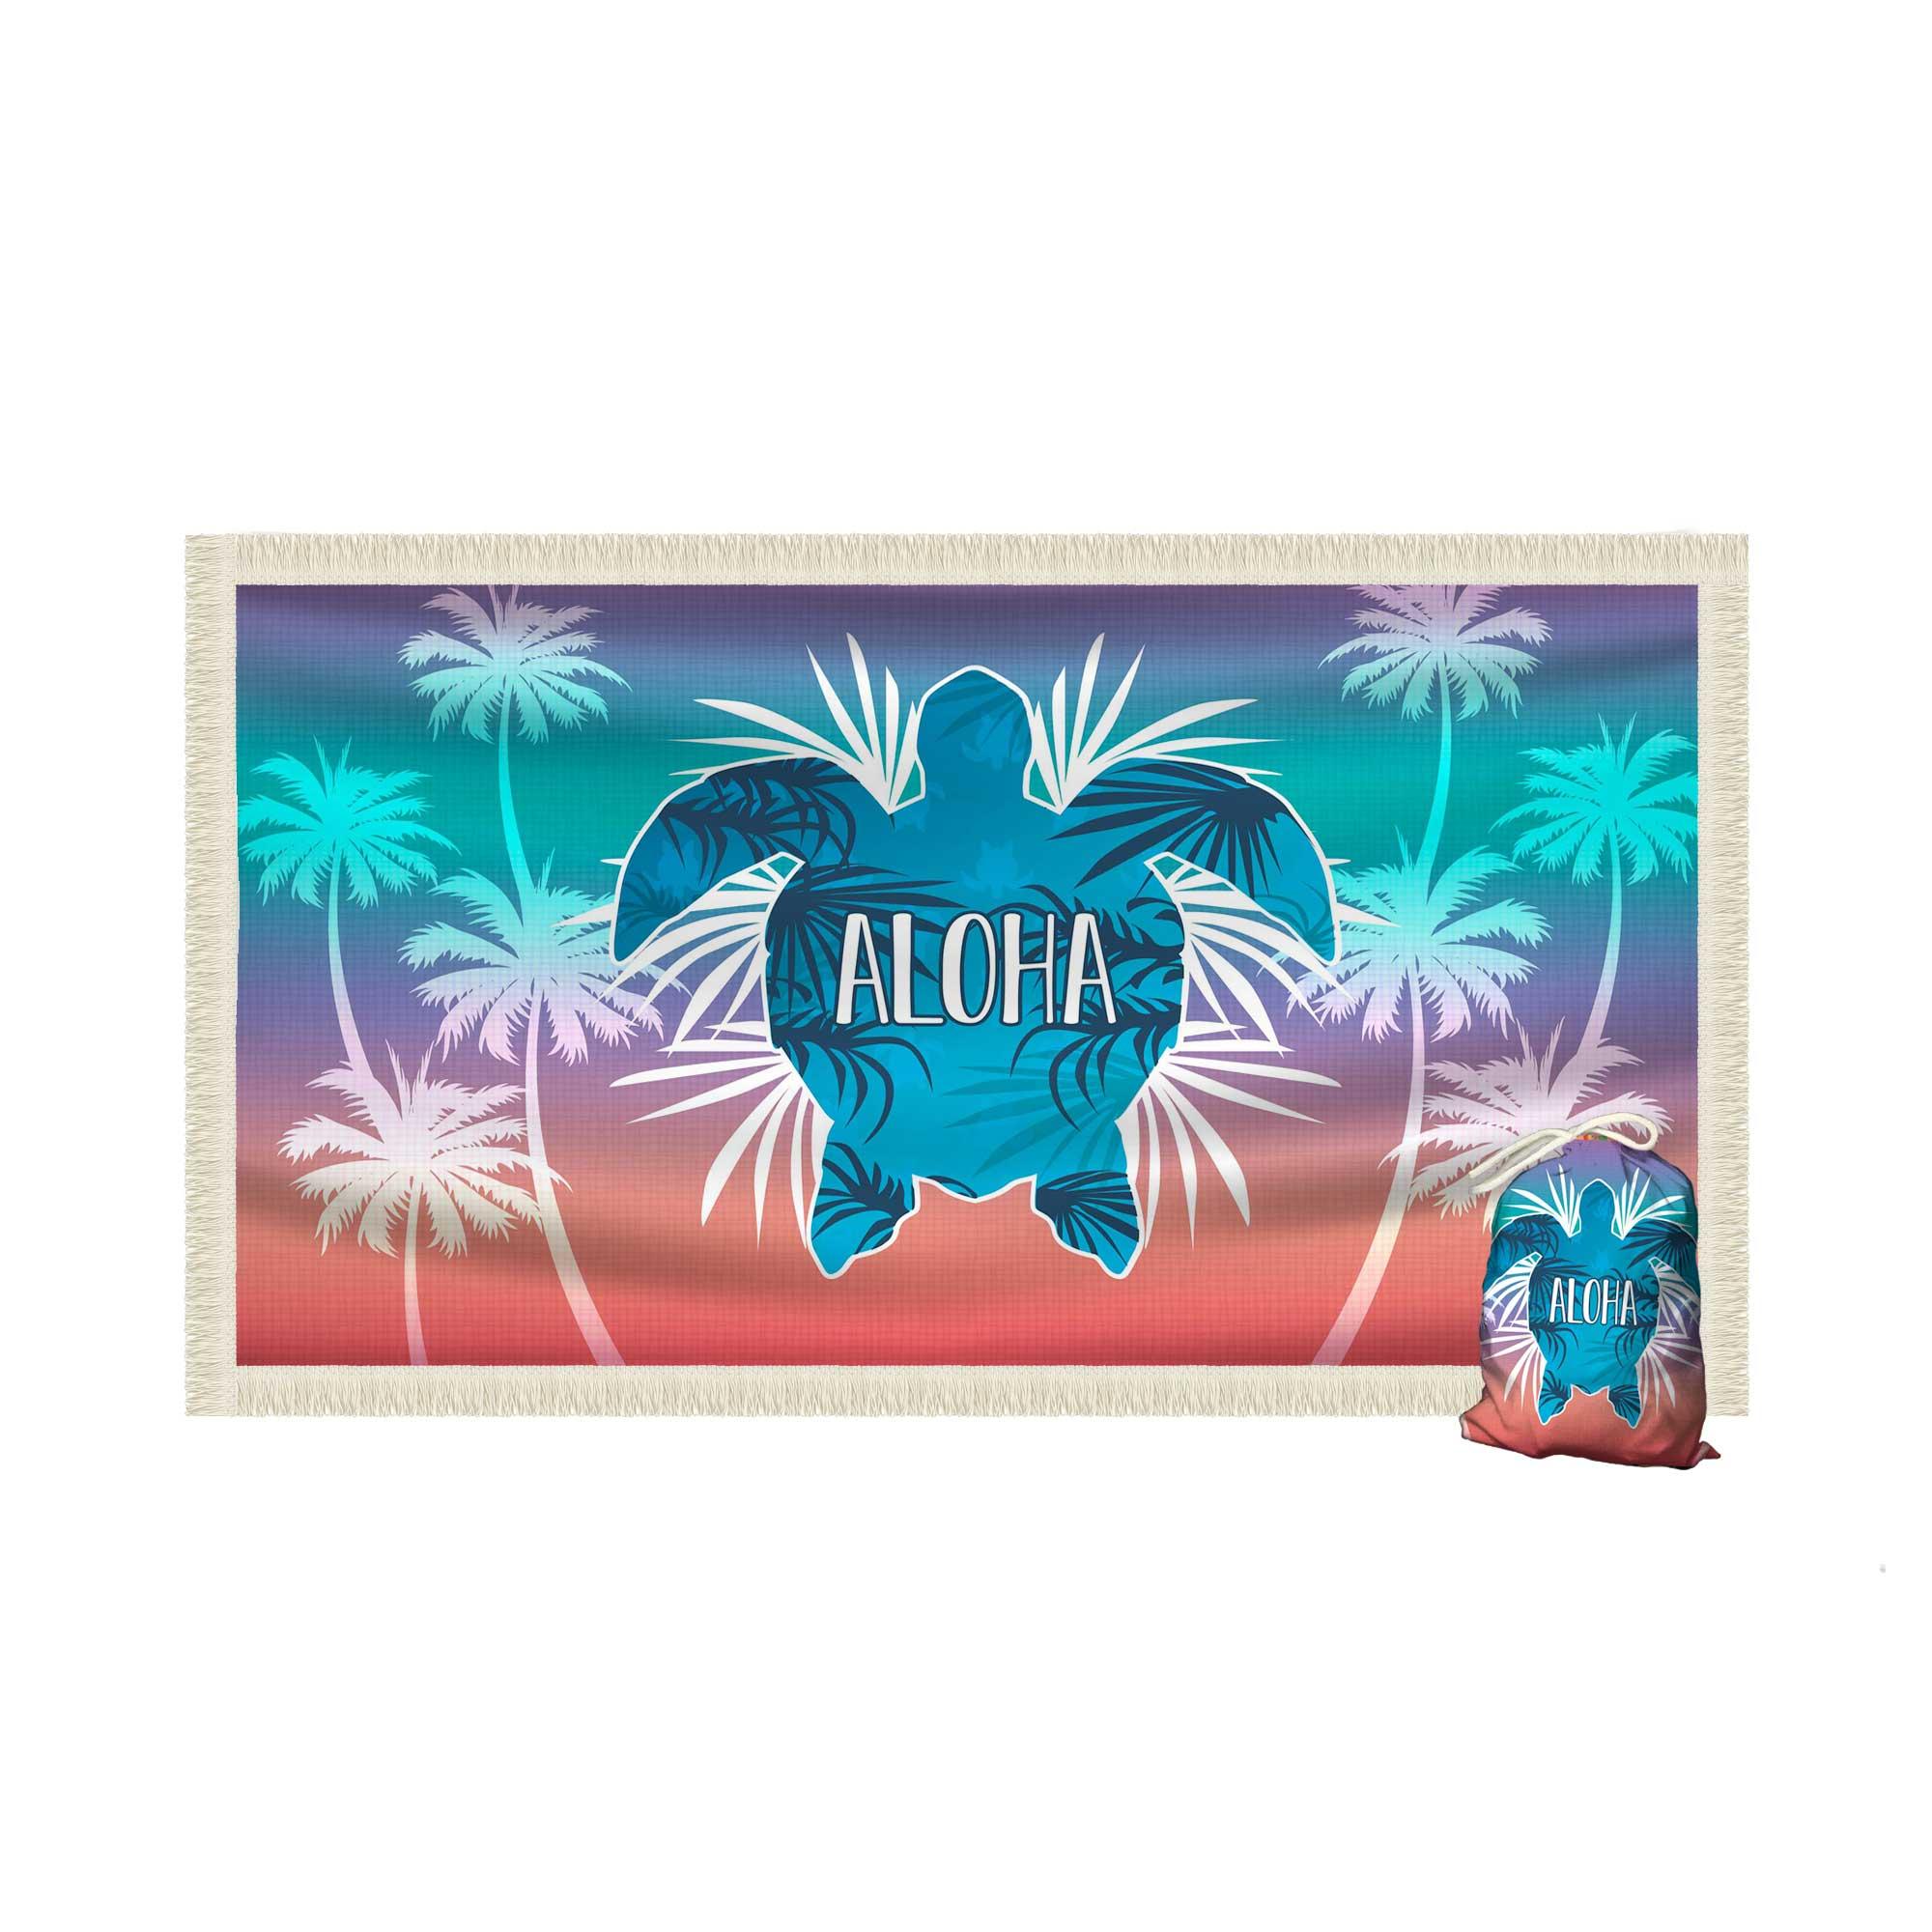 Canga Saida de Praia Retangular com Franja - Aloha Frase Agua Salgada 1,5 x 1m-CGR-0080A